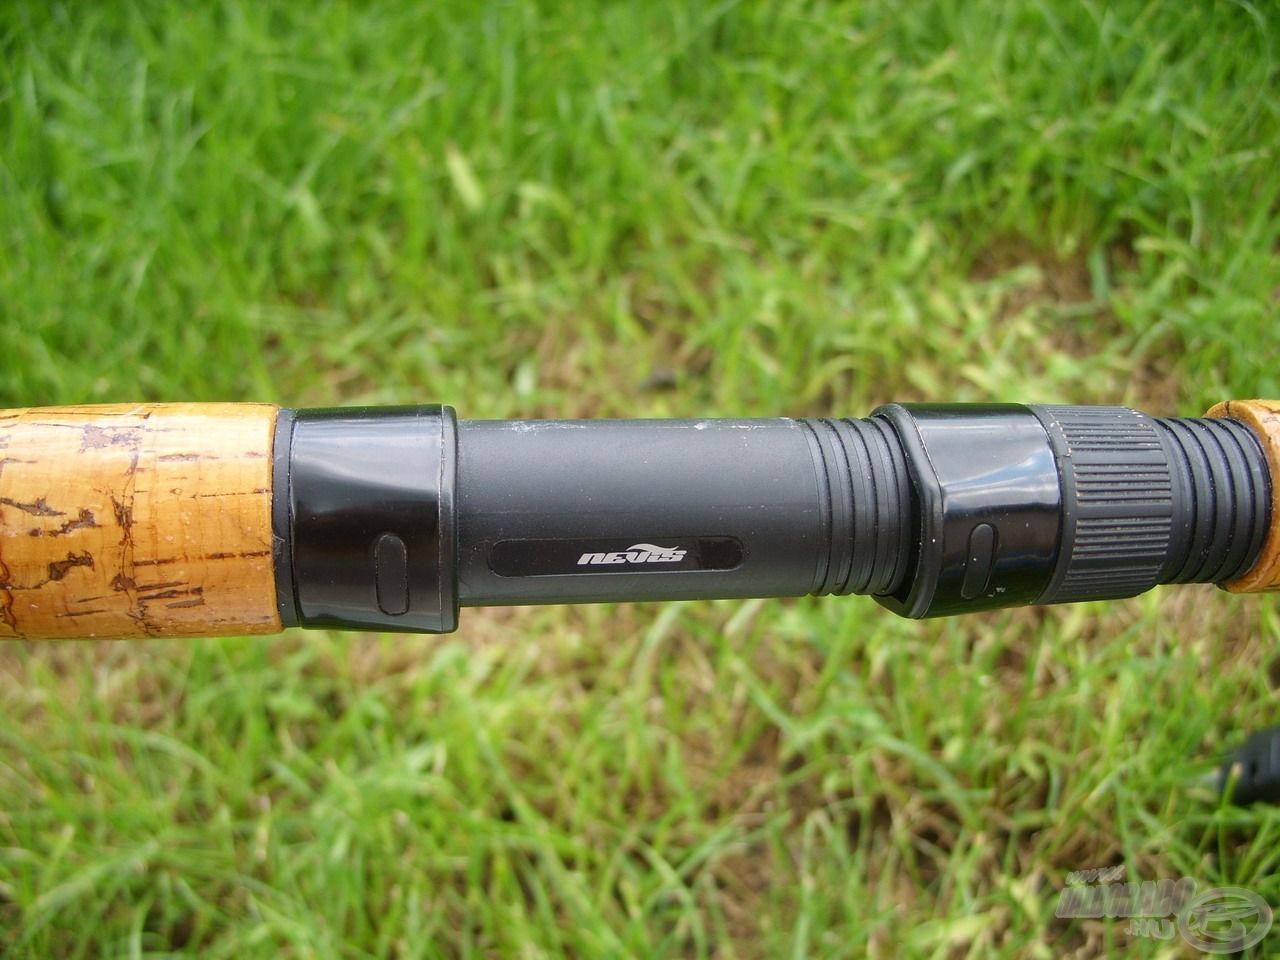 Hagyományos, csavaros orsótartókra helyezhetjük orsóinkat a botokon, amik garantáltan stabilan tartanak. A nagyméretű orsótalpak befogadása sem okoz problémát számukra